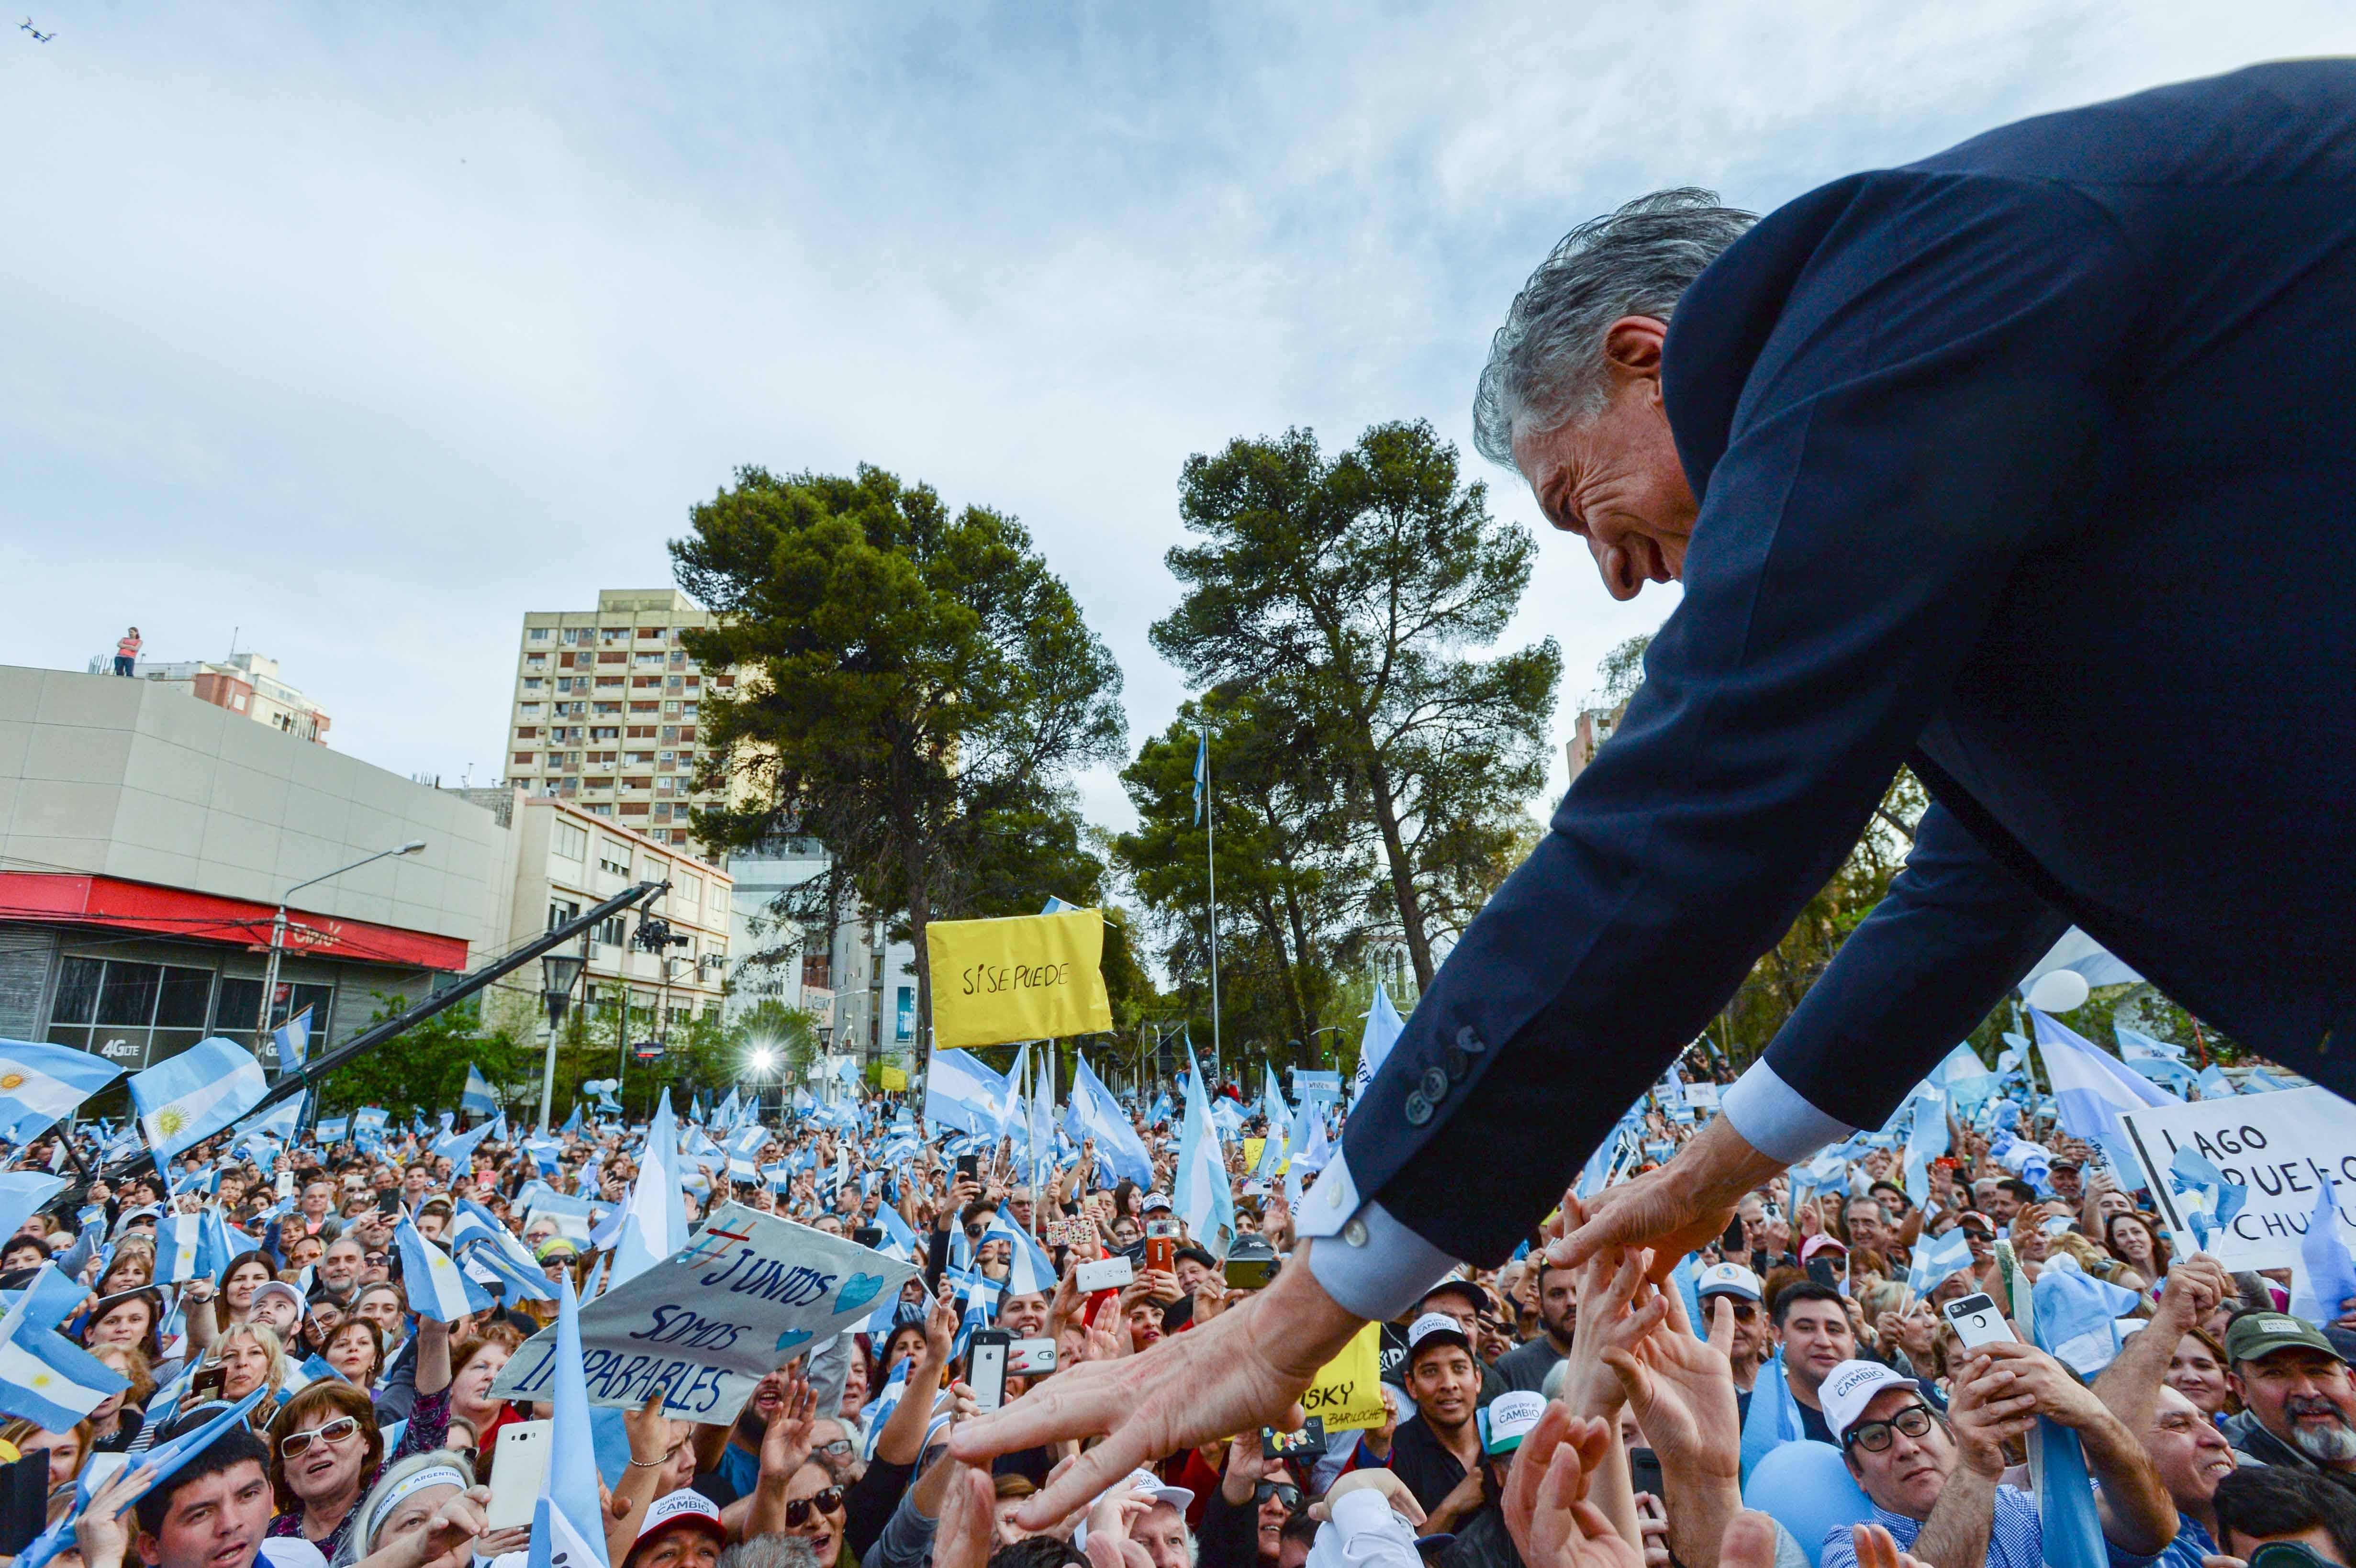 El Presidente Macri encabezó la marcha del Sí Se Puede en Neuquén.